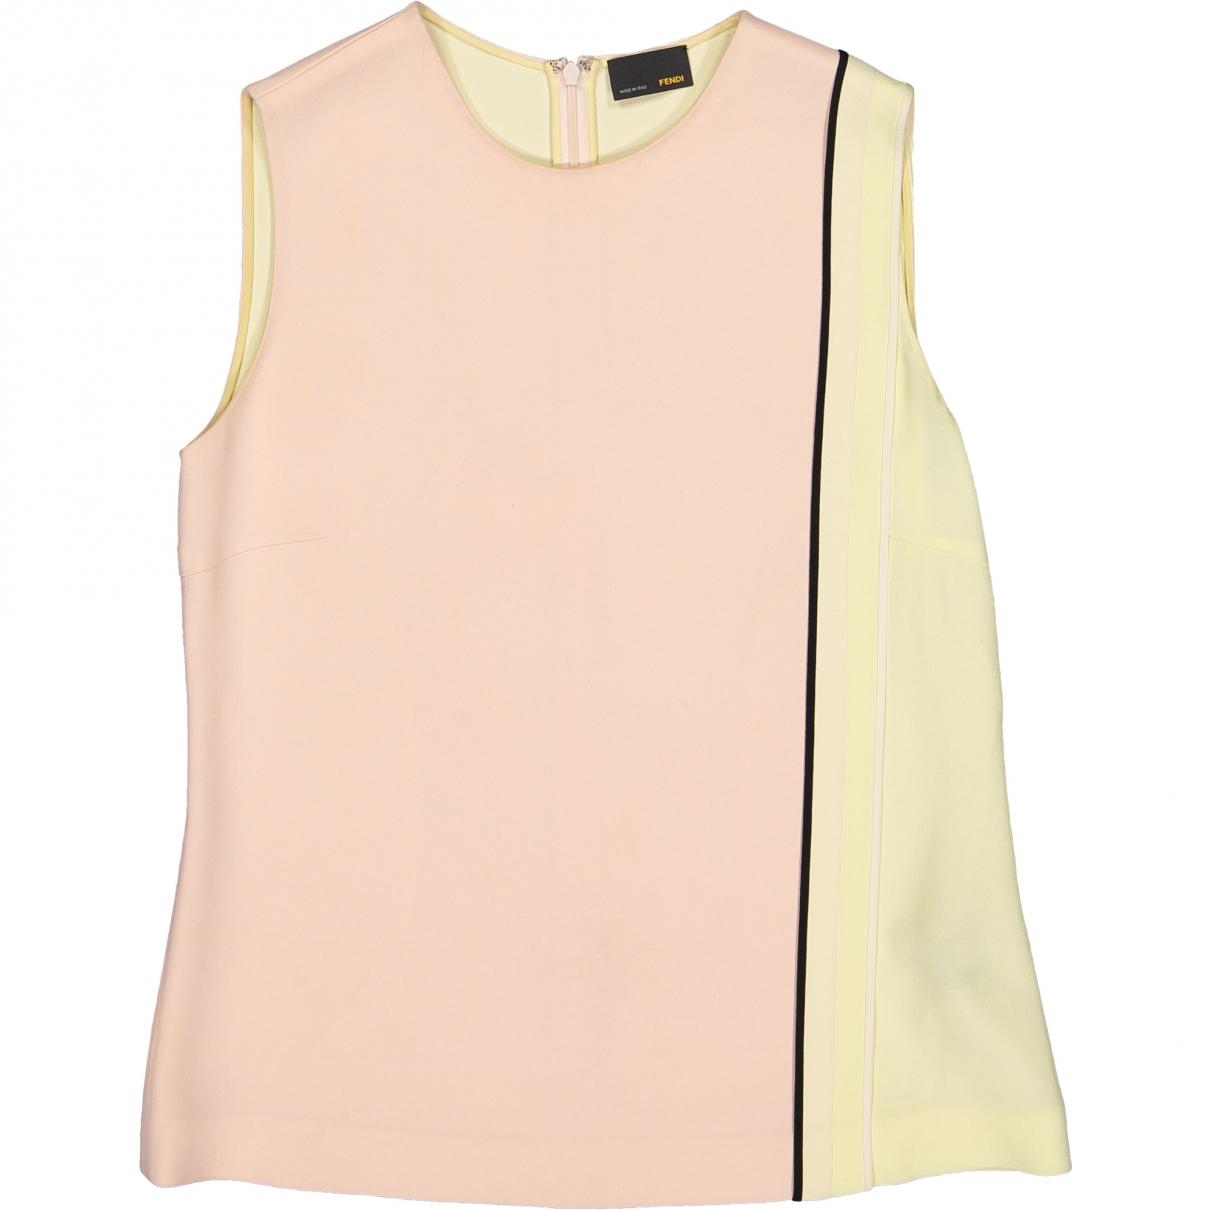 Fendi \N Pink  top for Women 40 IT